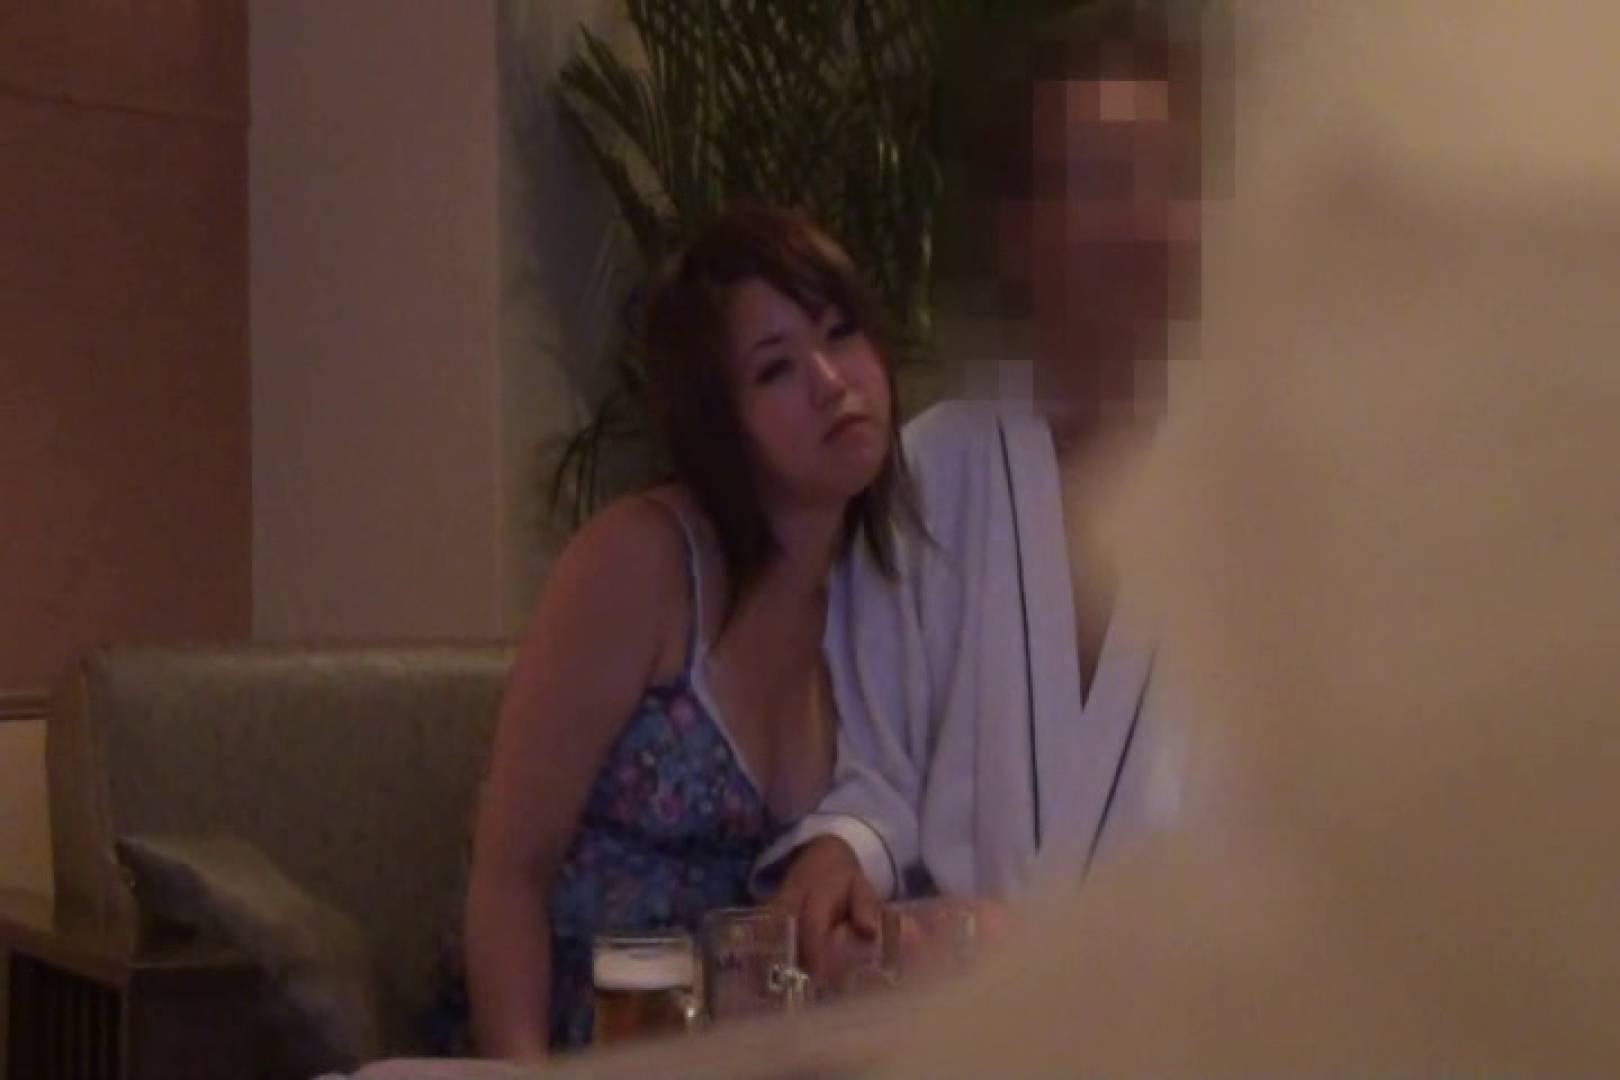 福岡援交 後編 ホテル エロ画像 89枚 29